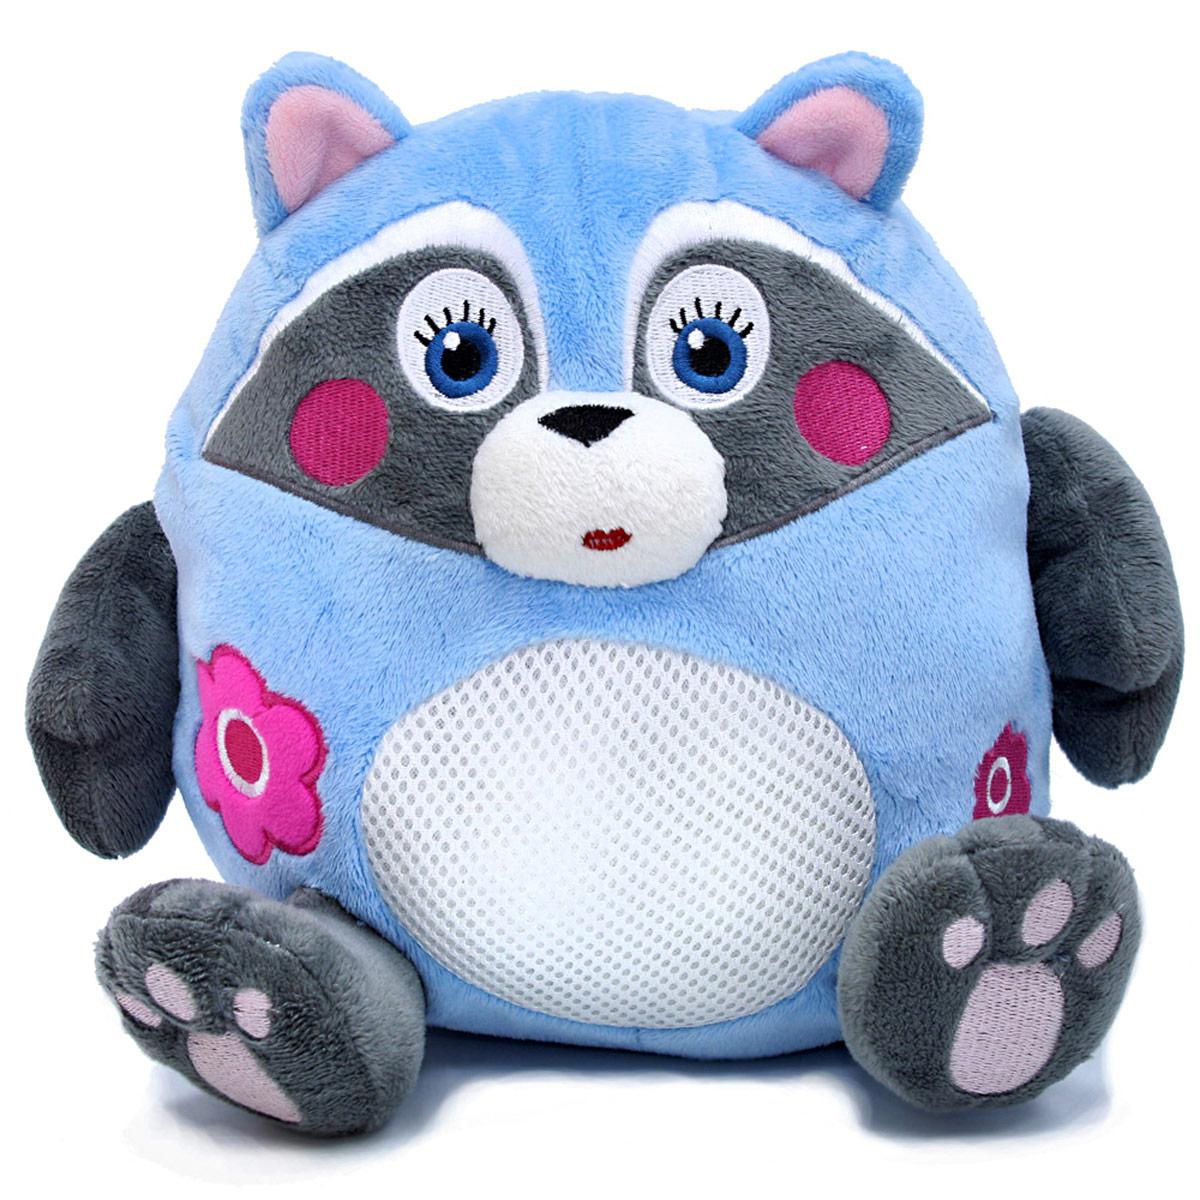 LAPA House Мягкая игрушка Енот24446Забавный и очень веселый зверек привлечет внимание ребенка и станет ему добрым другом. Он так весело хохочет и трясется, что невозможно остаться равнодушным и не рассмеяться вместе с ним! Популярные, любимые образы - кот, собака, медведь и енот, - понравятся и малышам, и их родителям. Описание: -кнопка включения на левой лапе игрушки - двигается с вибрацией - звуковые эффекты(хохочет) - отключение через 15 сек, после нажатия кнопки - работает от 3хАА батареек (в комплект не входят)